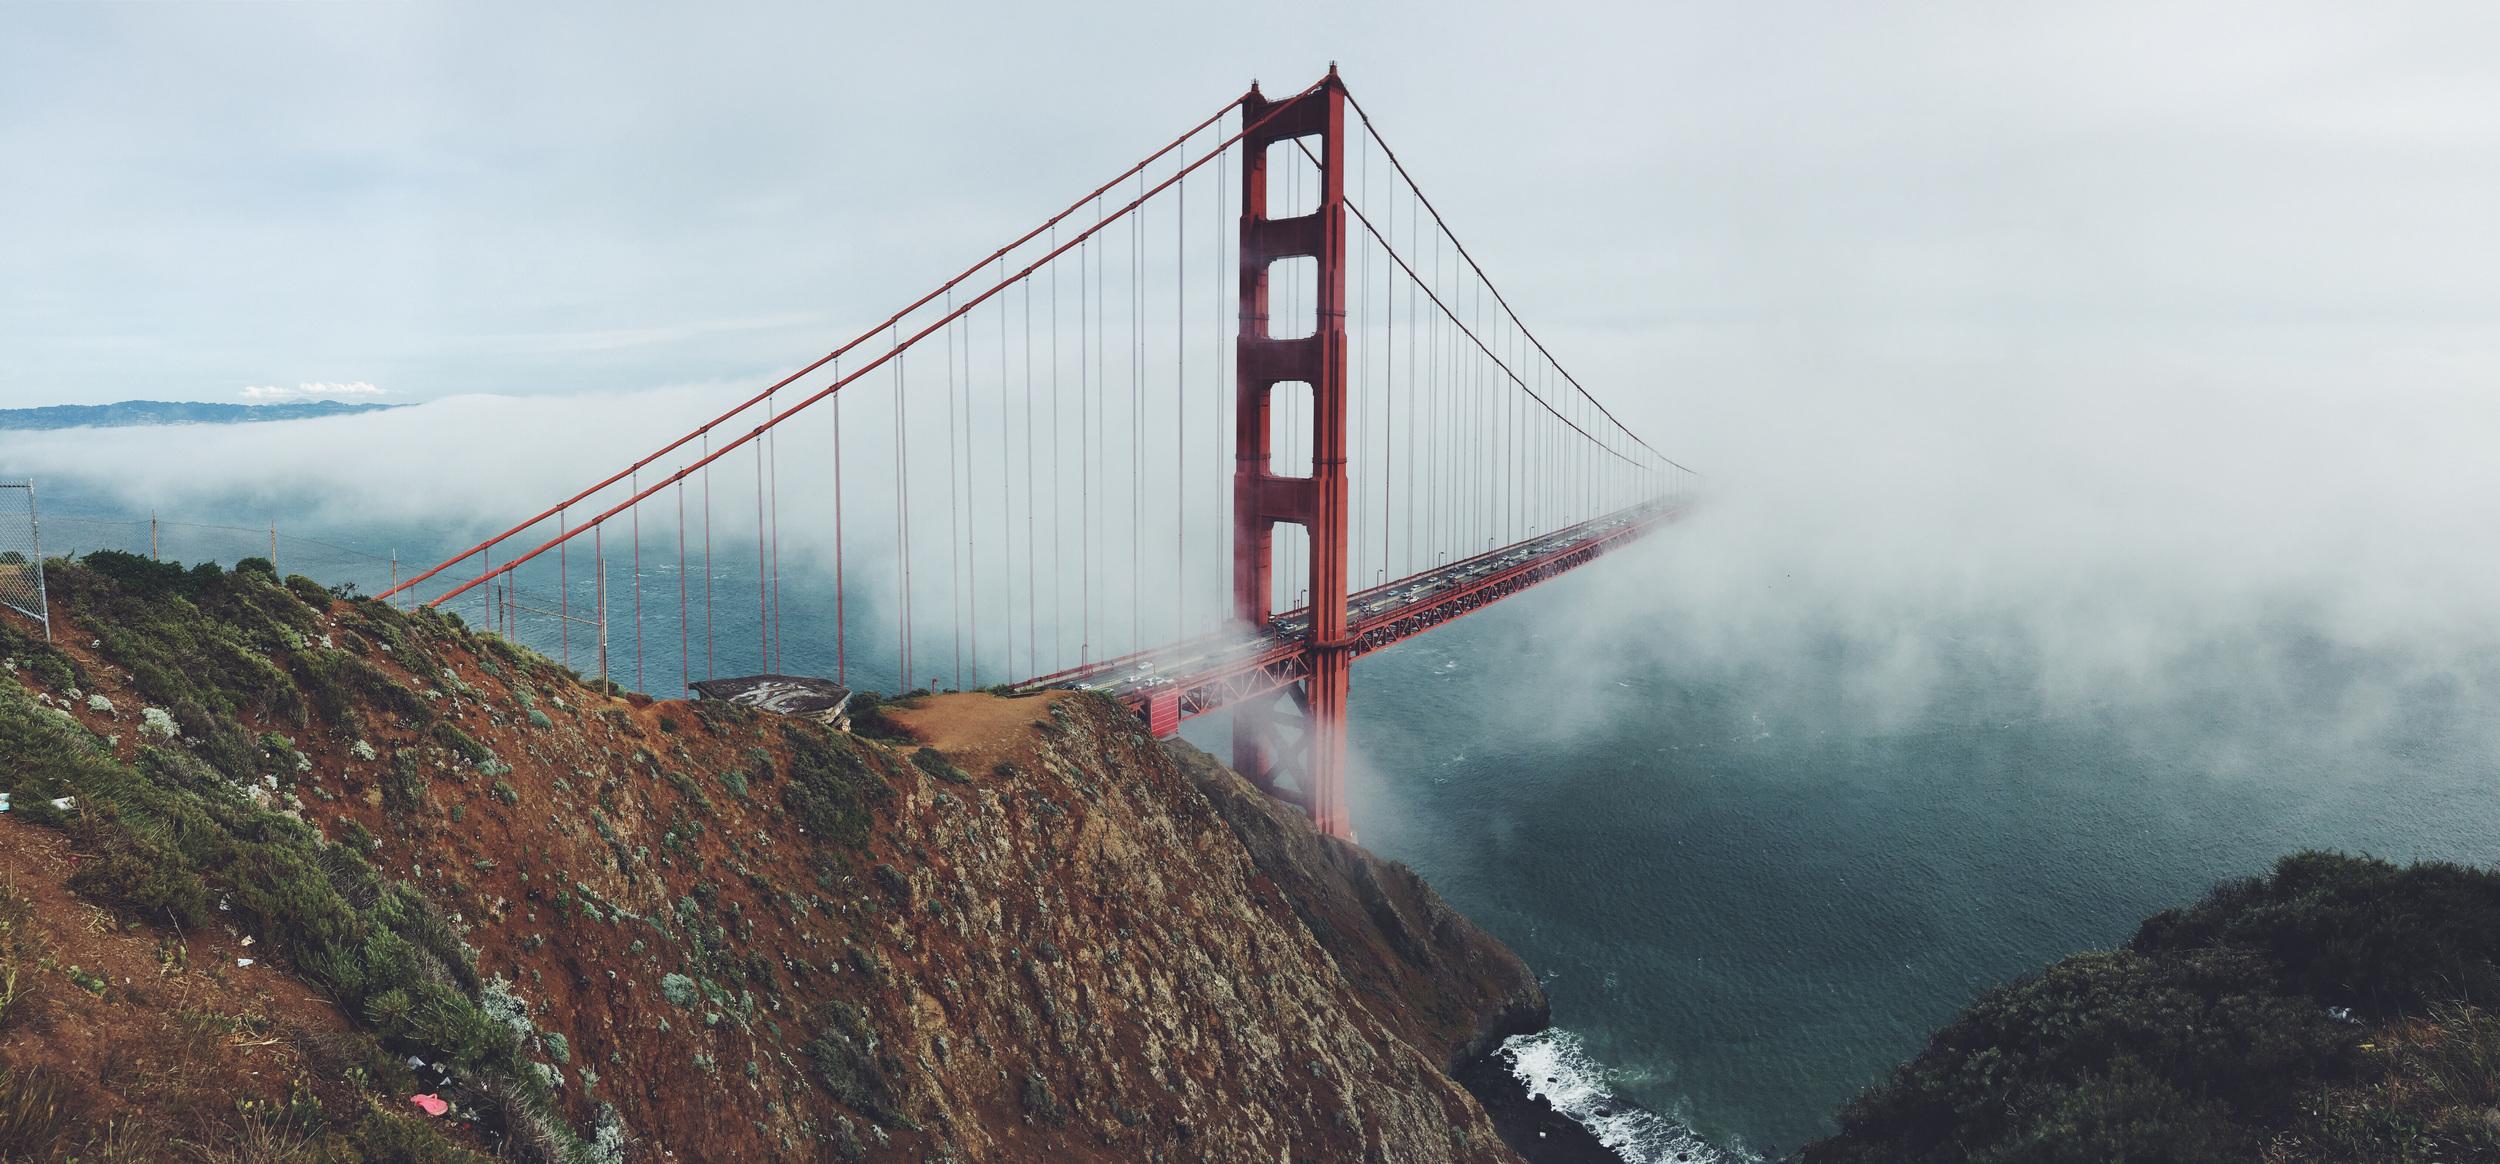 landmark-bridge-cliff-california.jpg